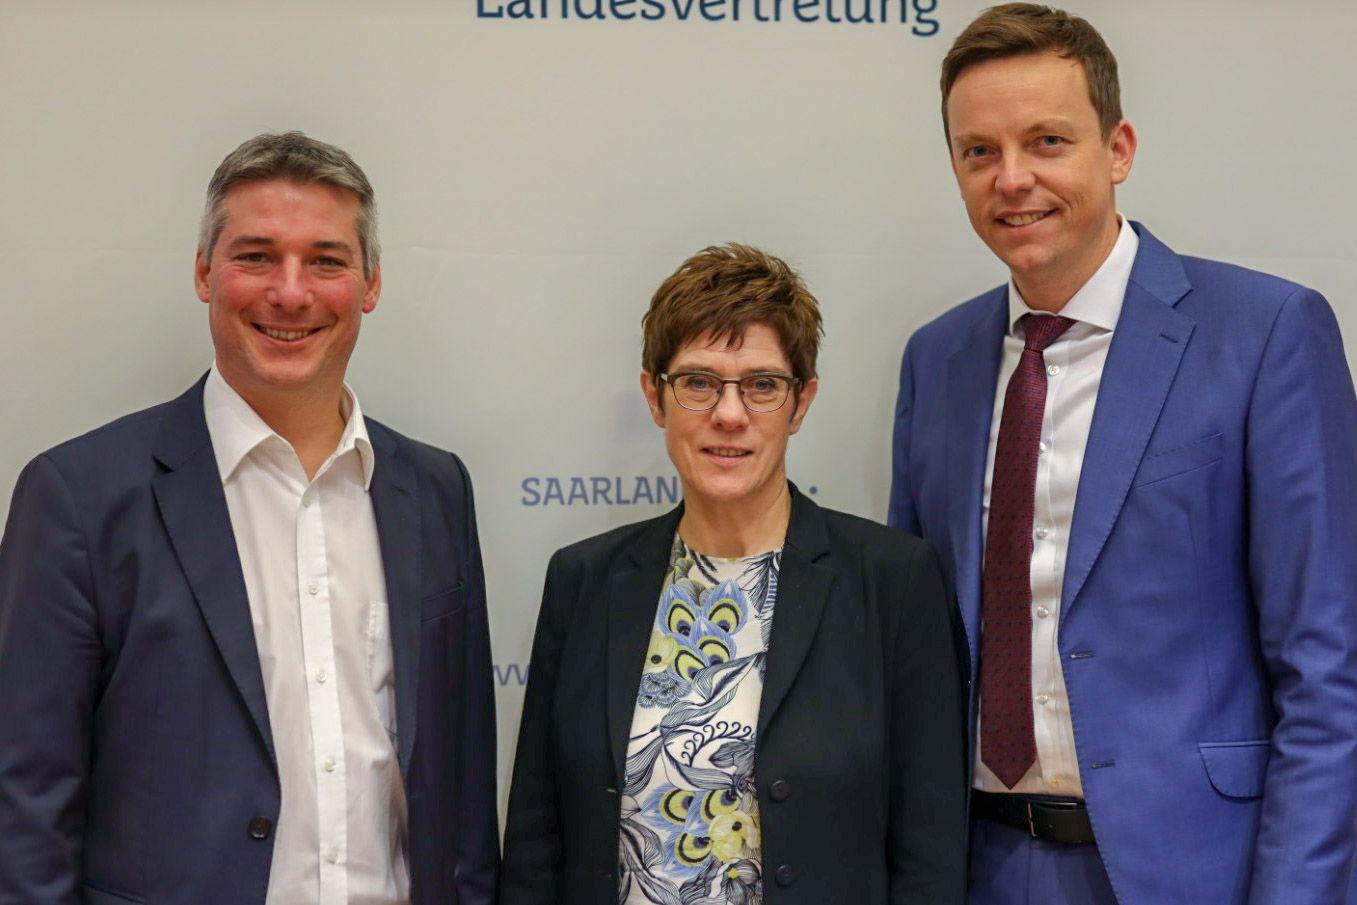 CDU Fraktion des Saarlandes: Austausch mit Dr. Angela Merkel, Annegret Kramp-Karrenbauer, MdBs und der Deutschen Bahn: CDU-Landtagsfraktion wirbt in Berlin für saarländische Interessen